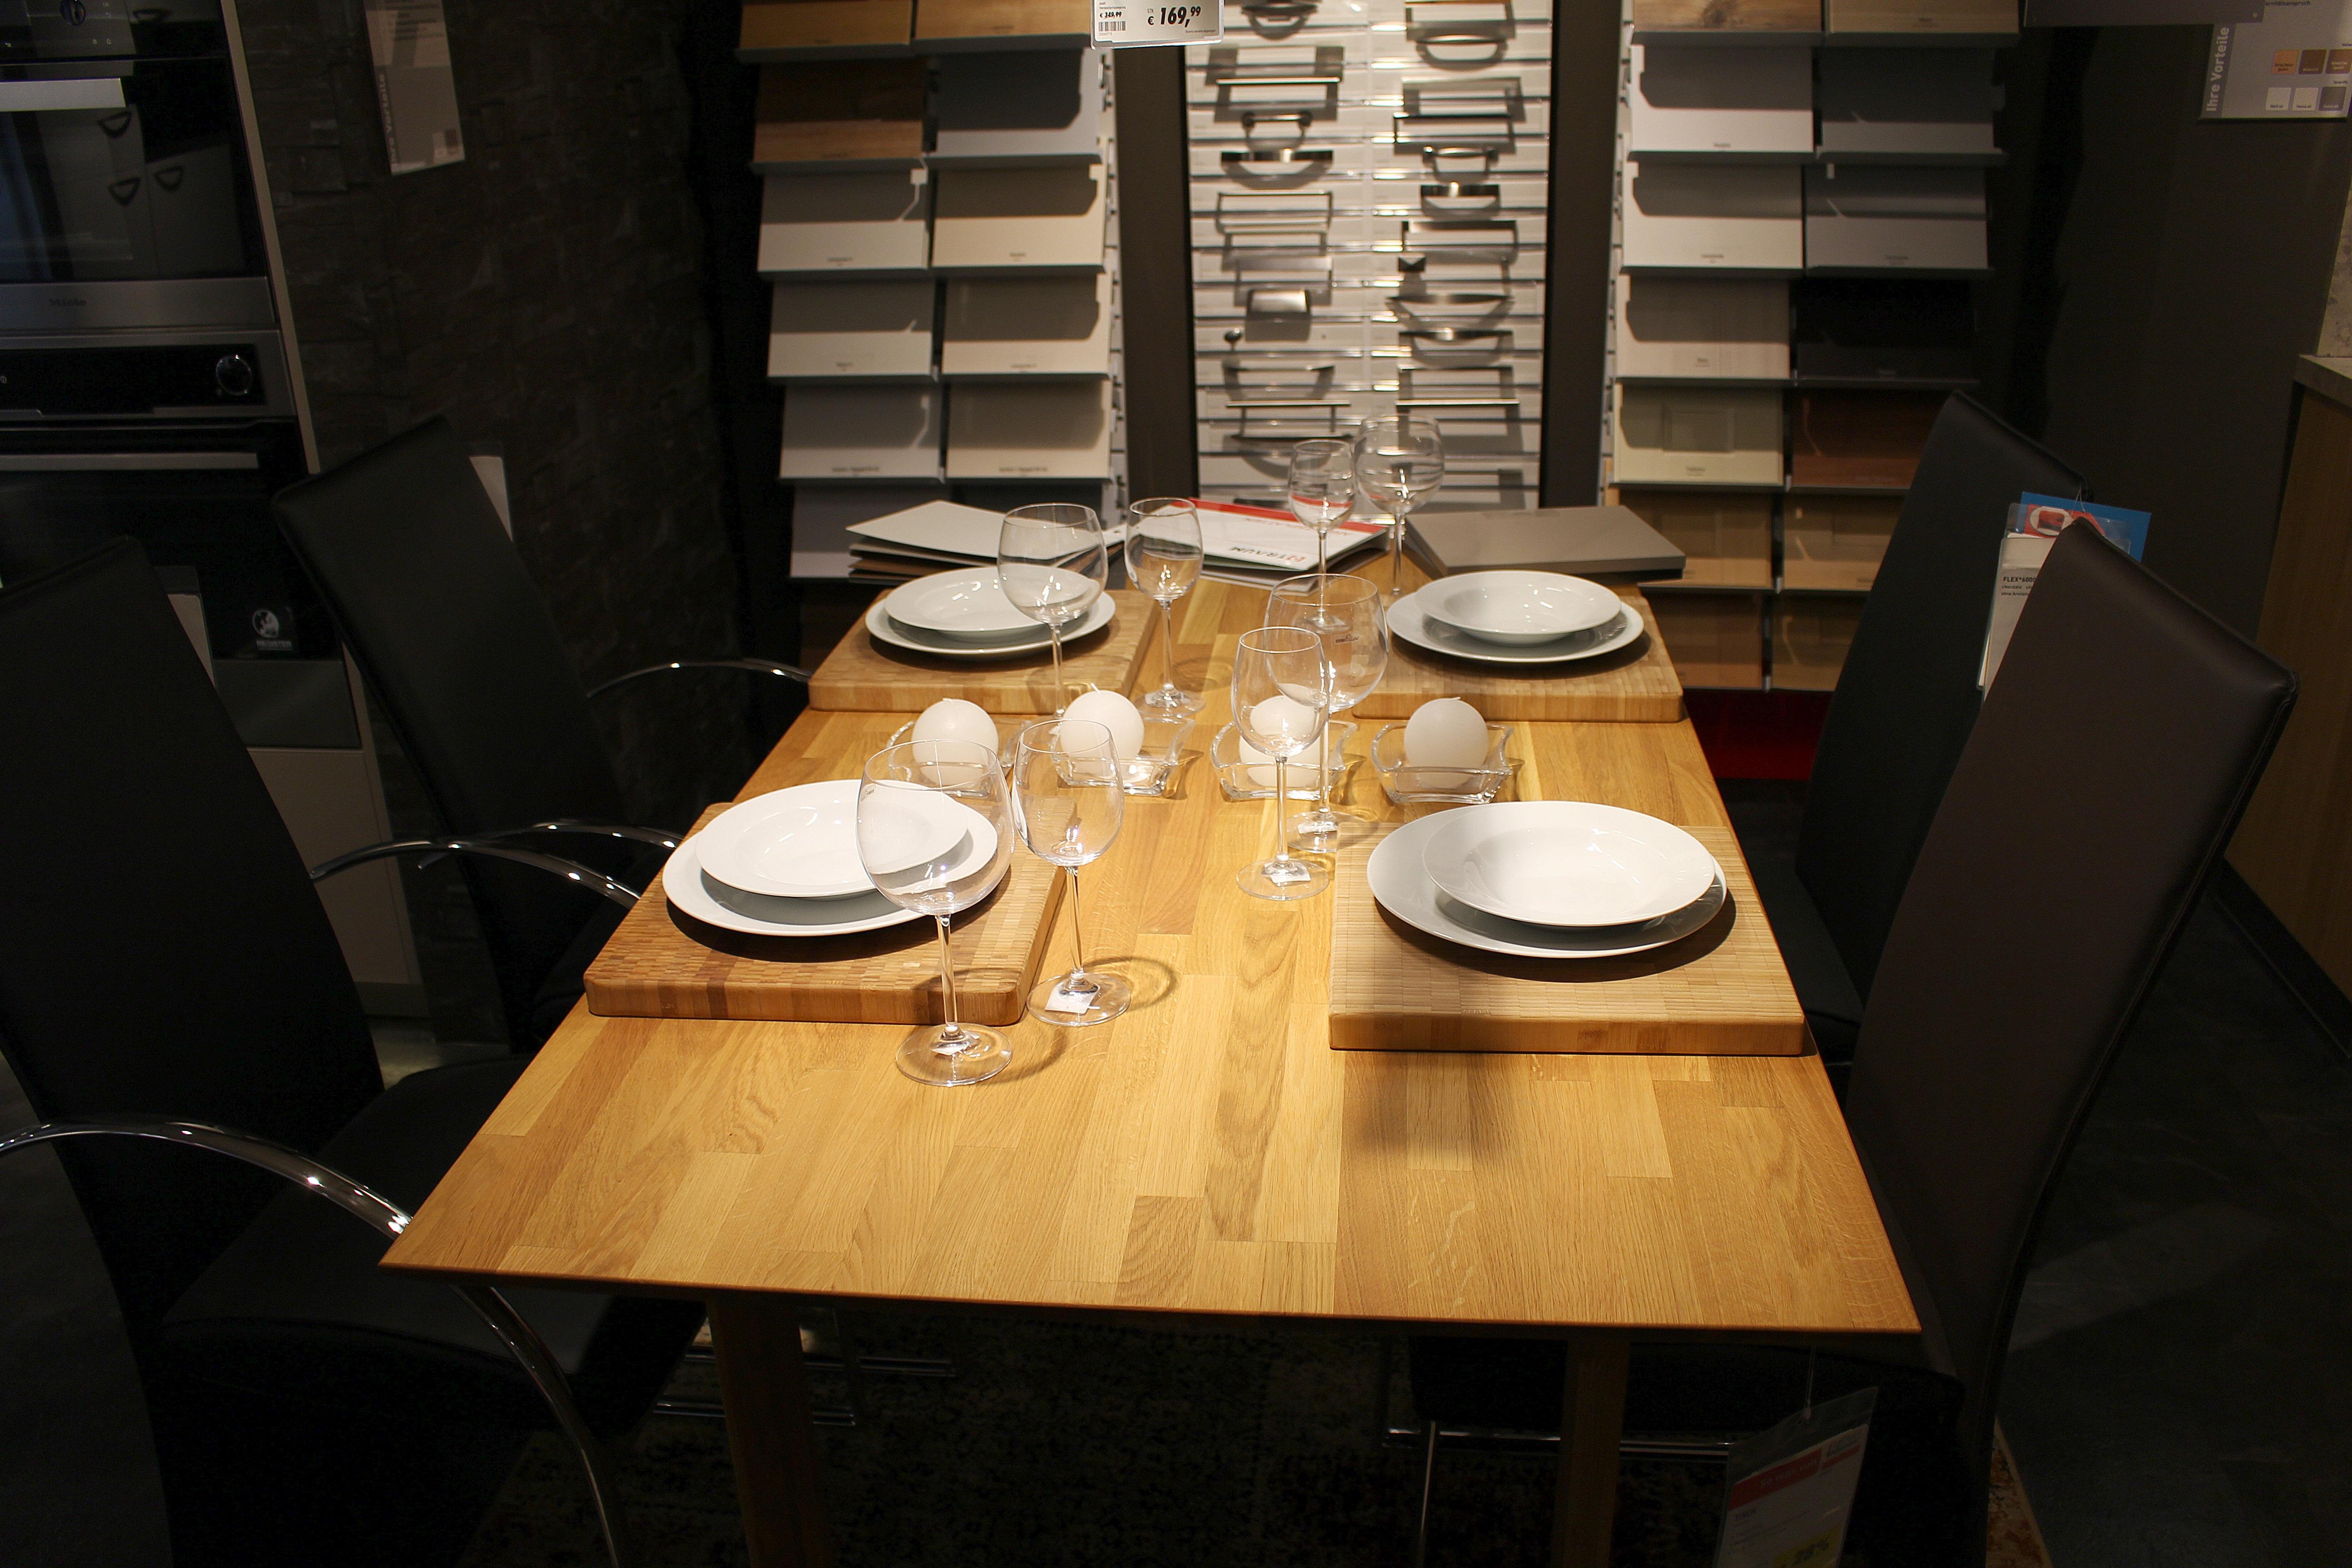 Kostenlose foto : Tabelle, Restaurant, Dekoration, Mahlzeit ...